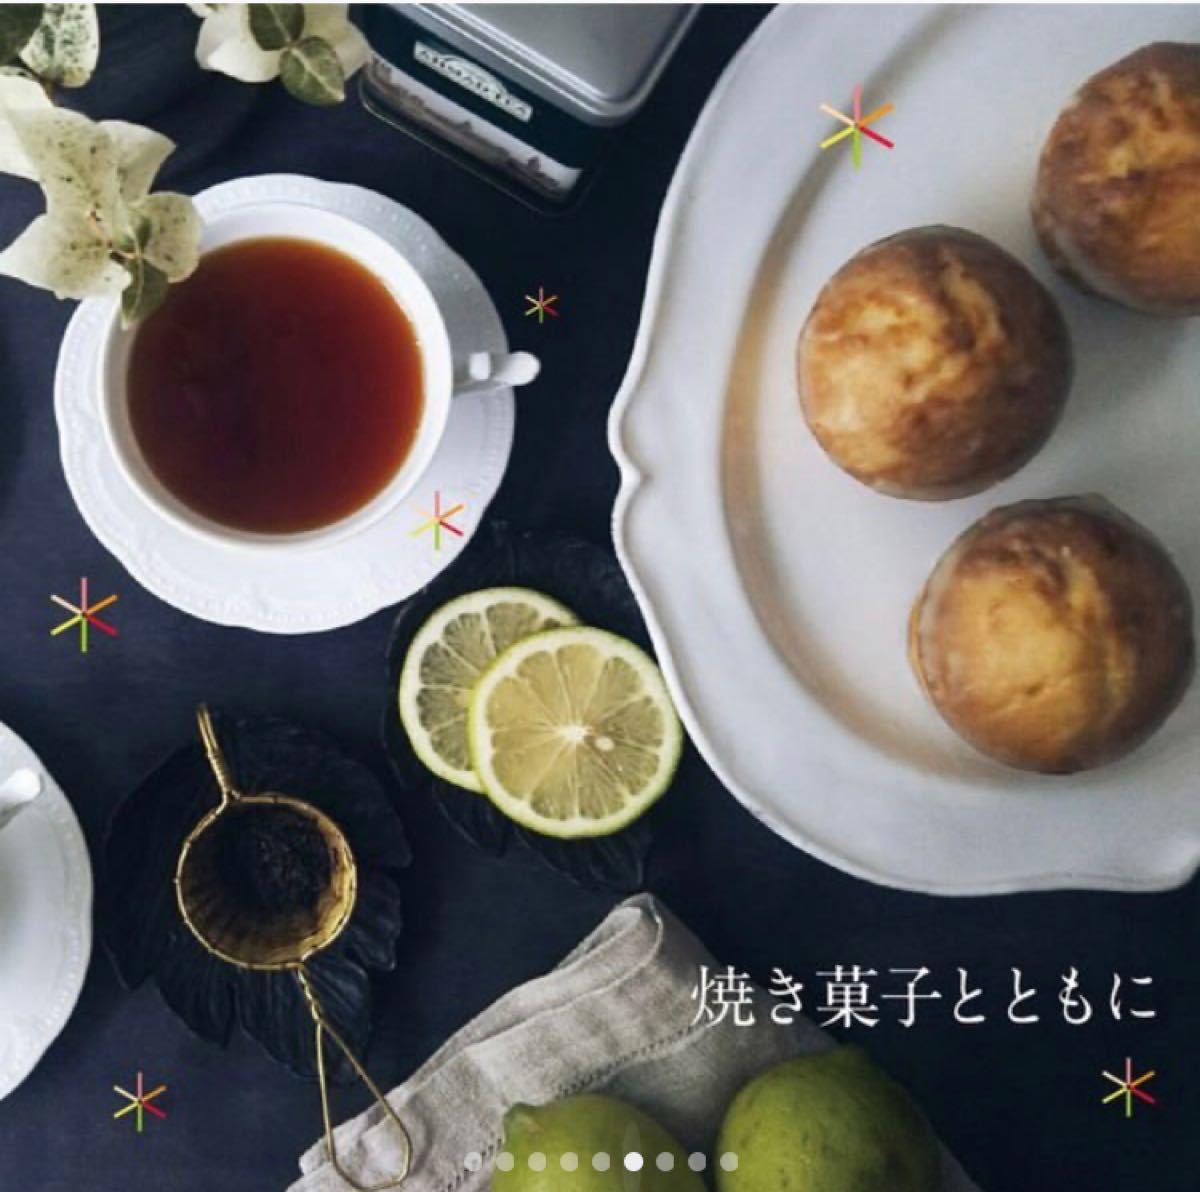 アーマッドティー(アールグレイ)【100g×2缶】★高品質紅茶